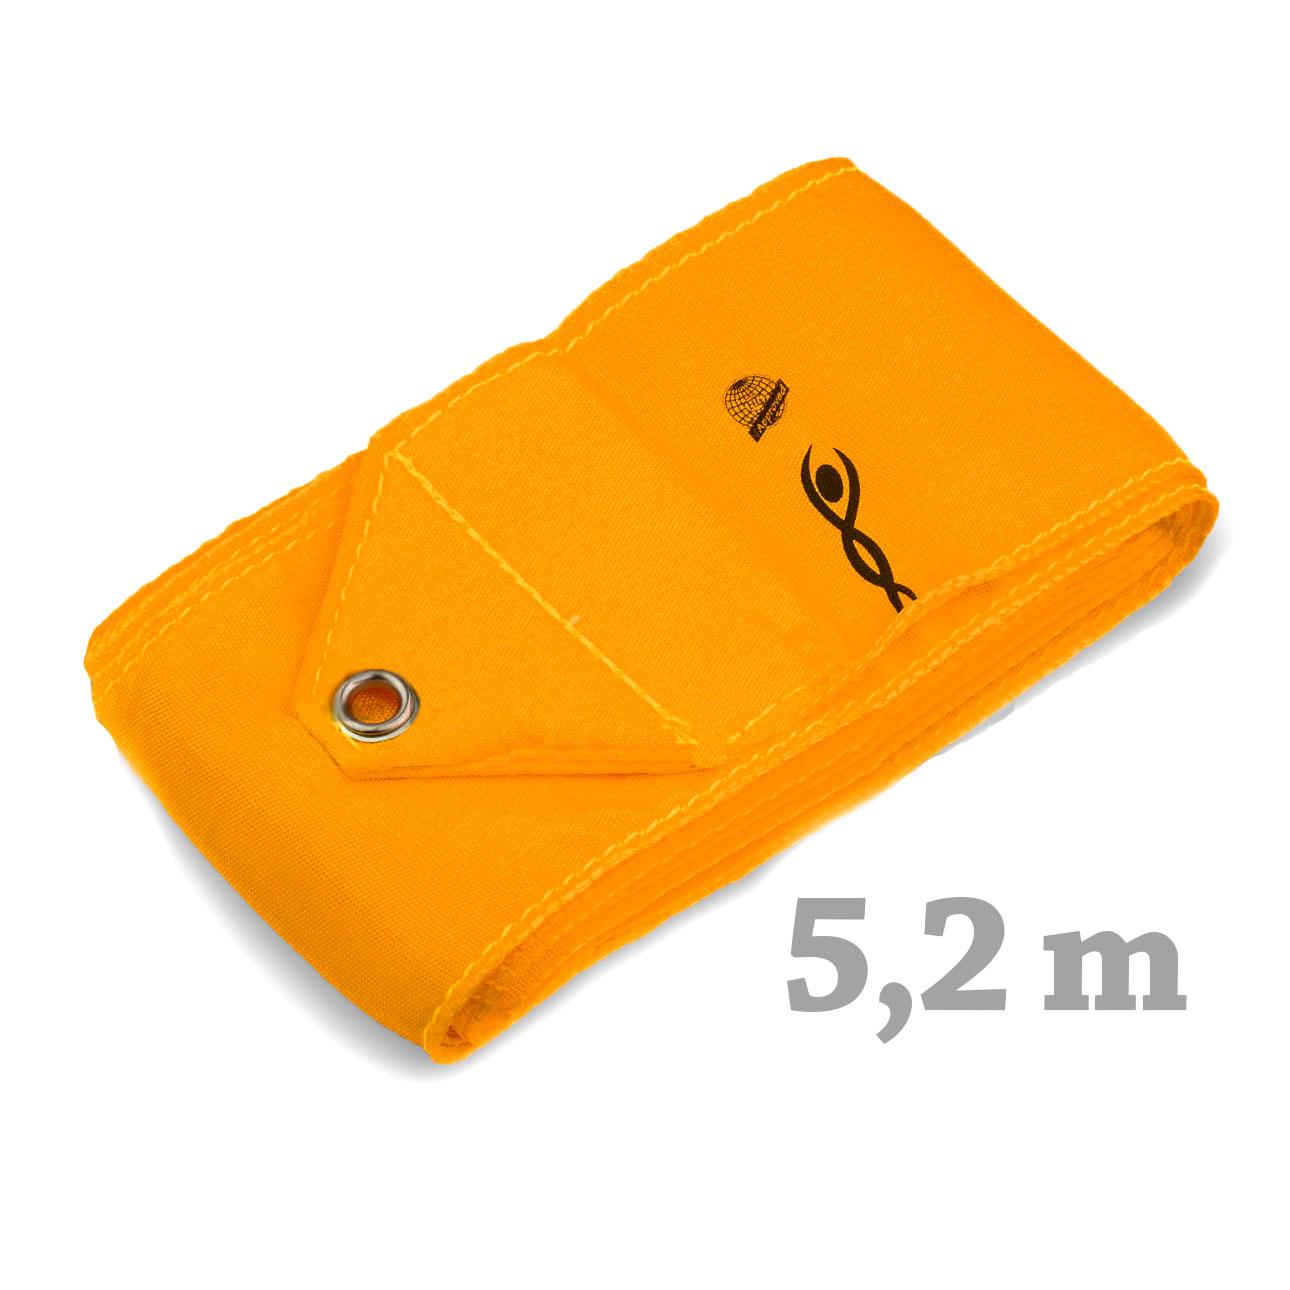 Cinta Gimnasia rítmica marca VNT (cert. FIG)  Naranjan 5.2  mt. RIB516-014